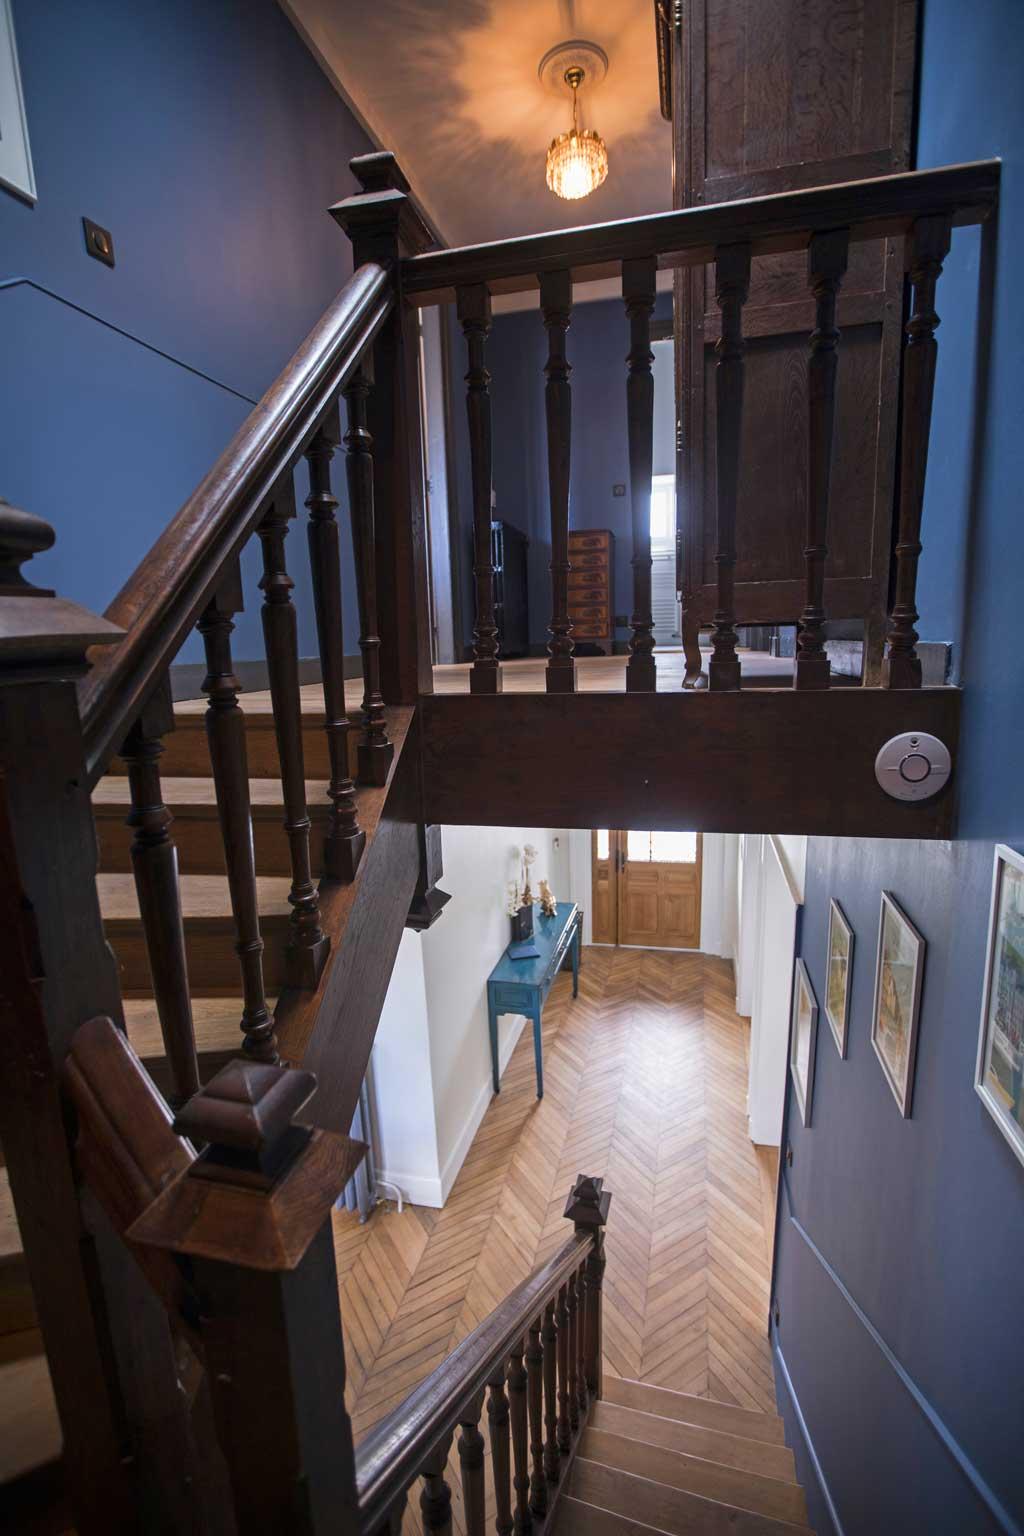 Escalier intérieur de la Maison ReN